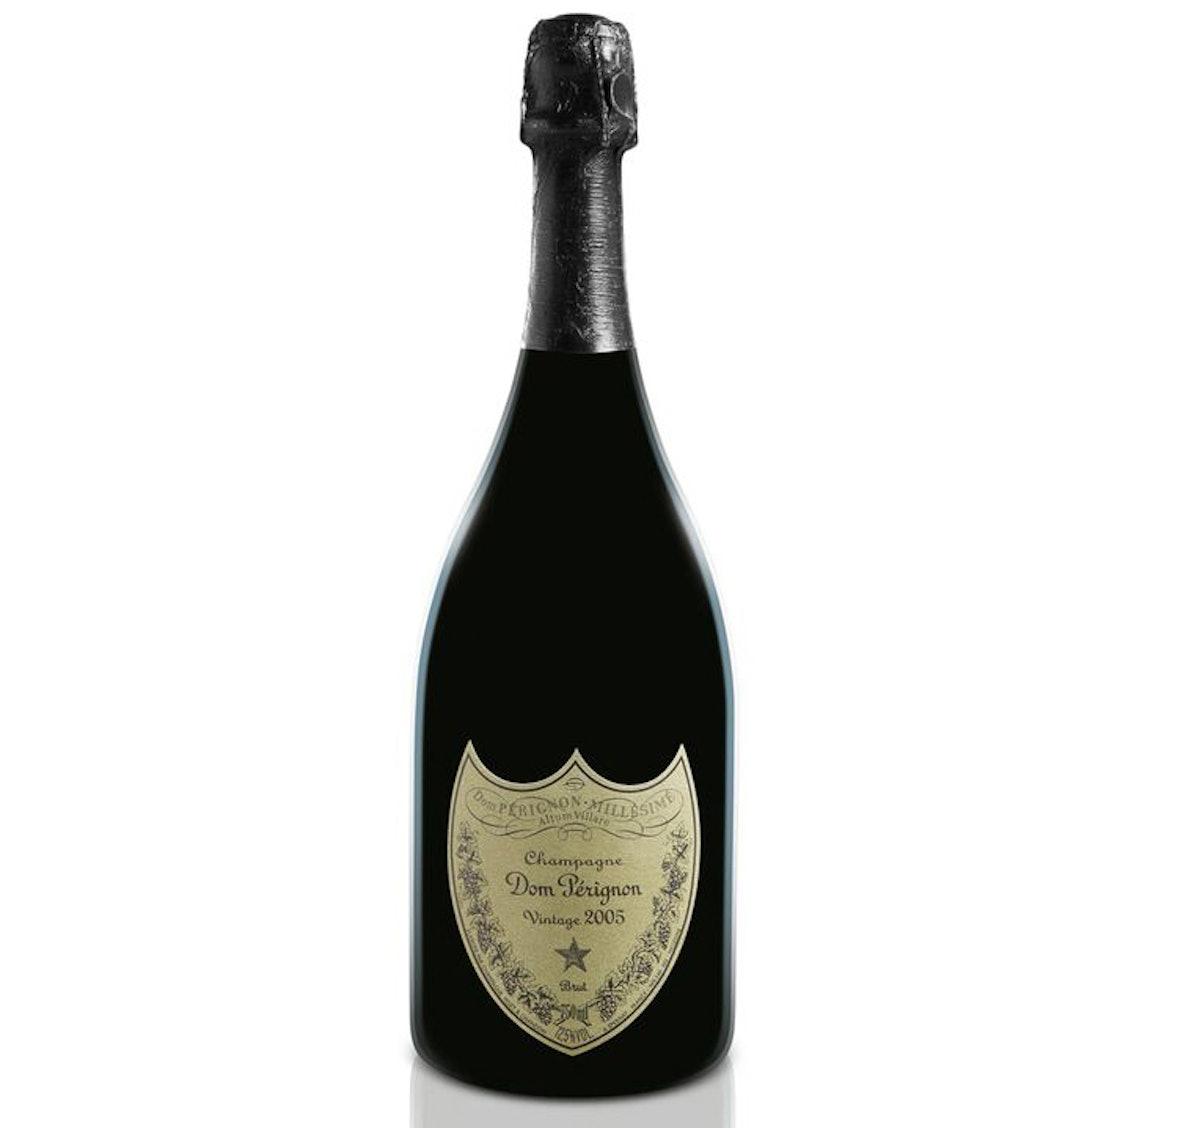 Dom Perignon Vintage 2005